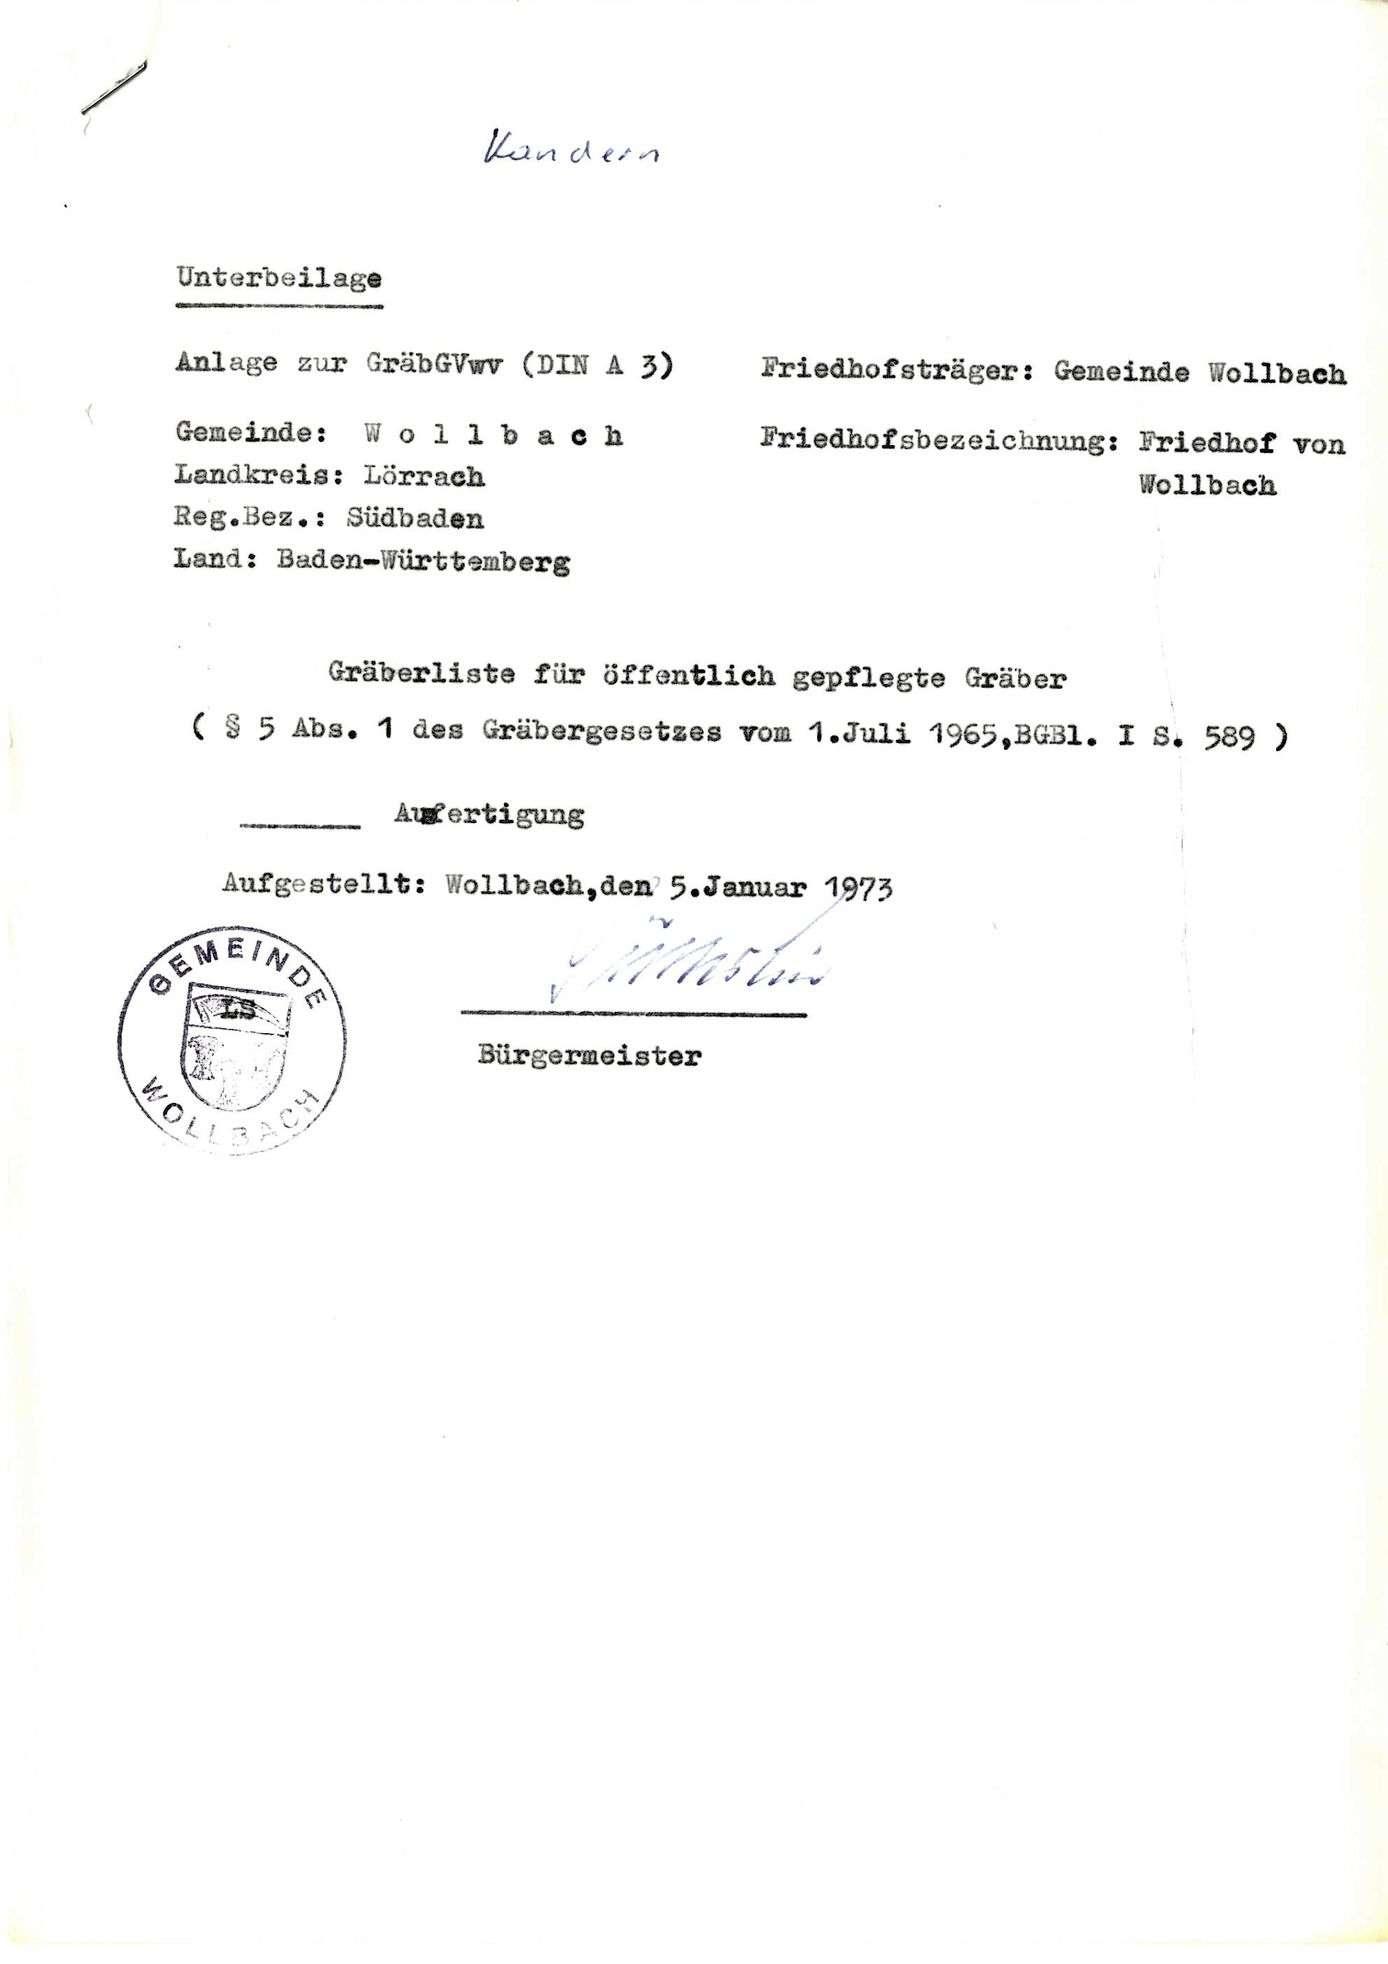 Wollbach, Bild 1